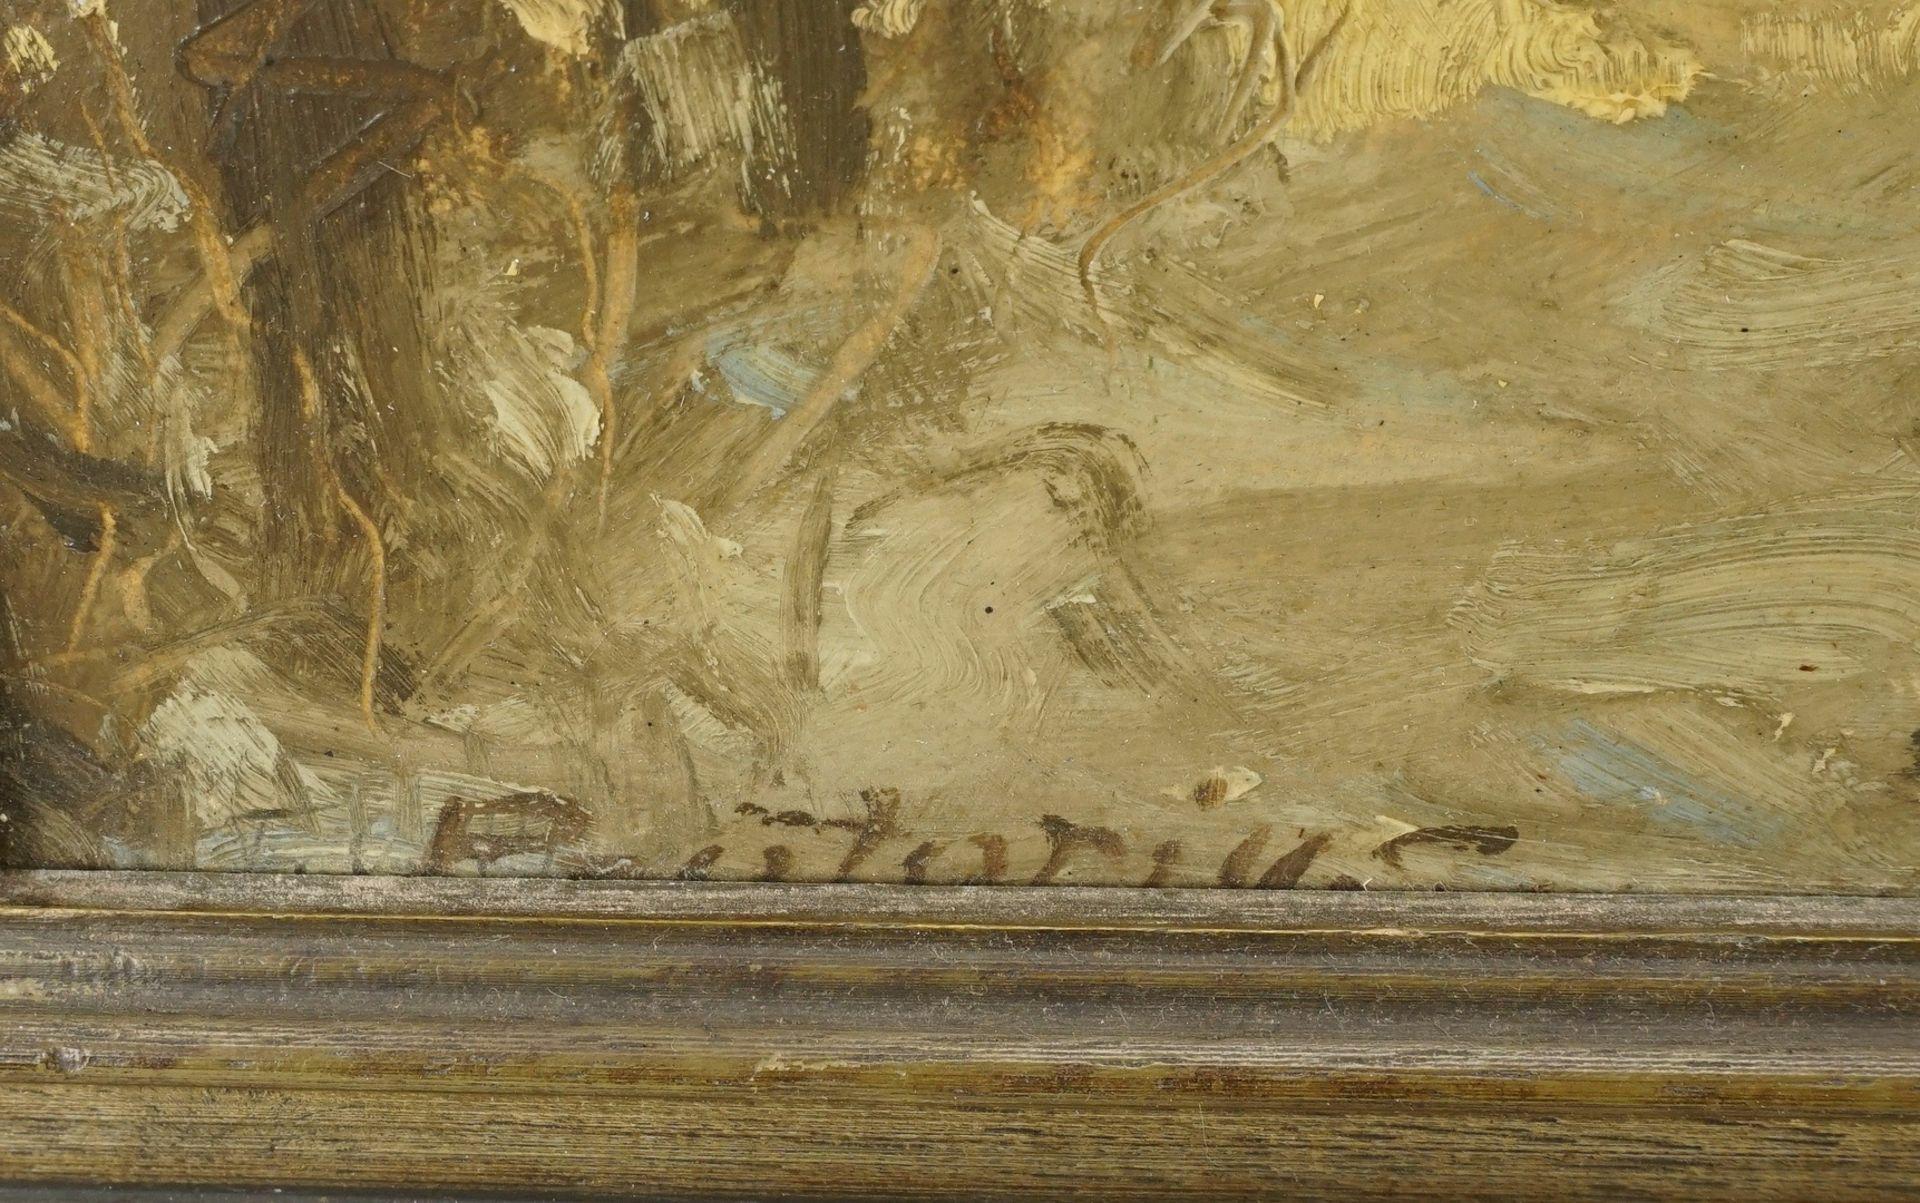 Friedrich Prätorius, Winterblick auf die Kirche - Bild 4 aus 4